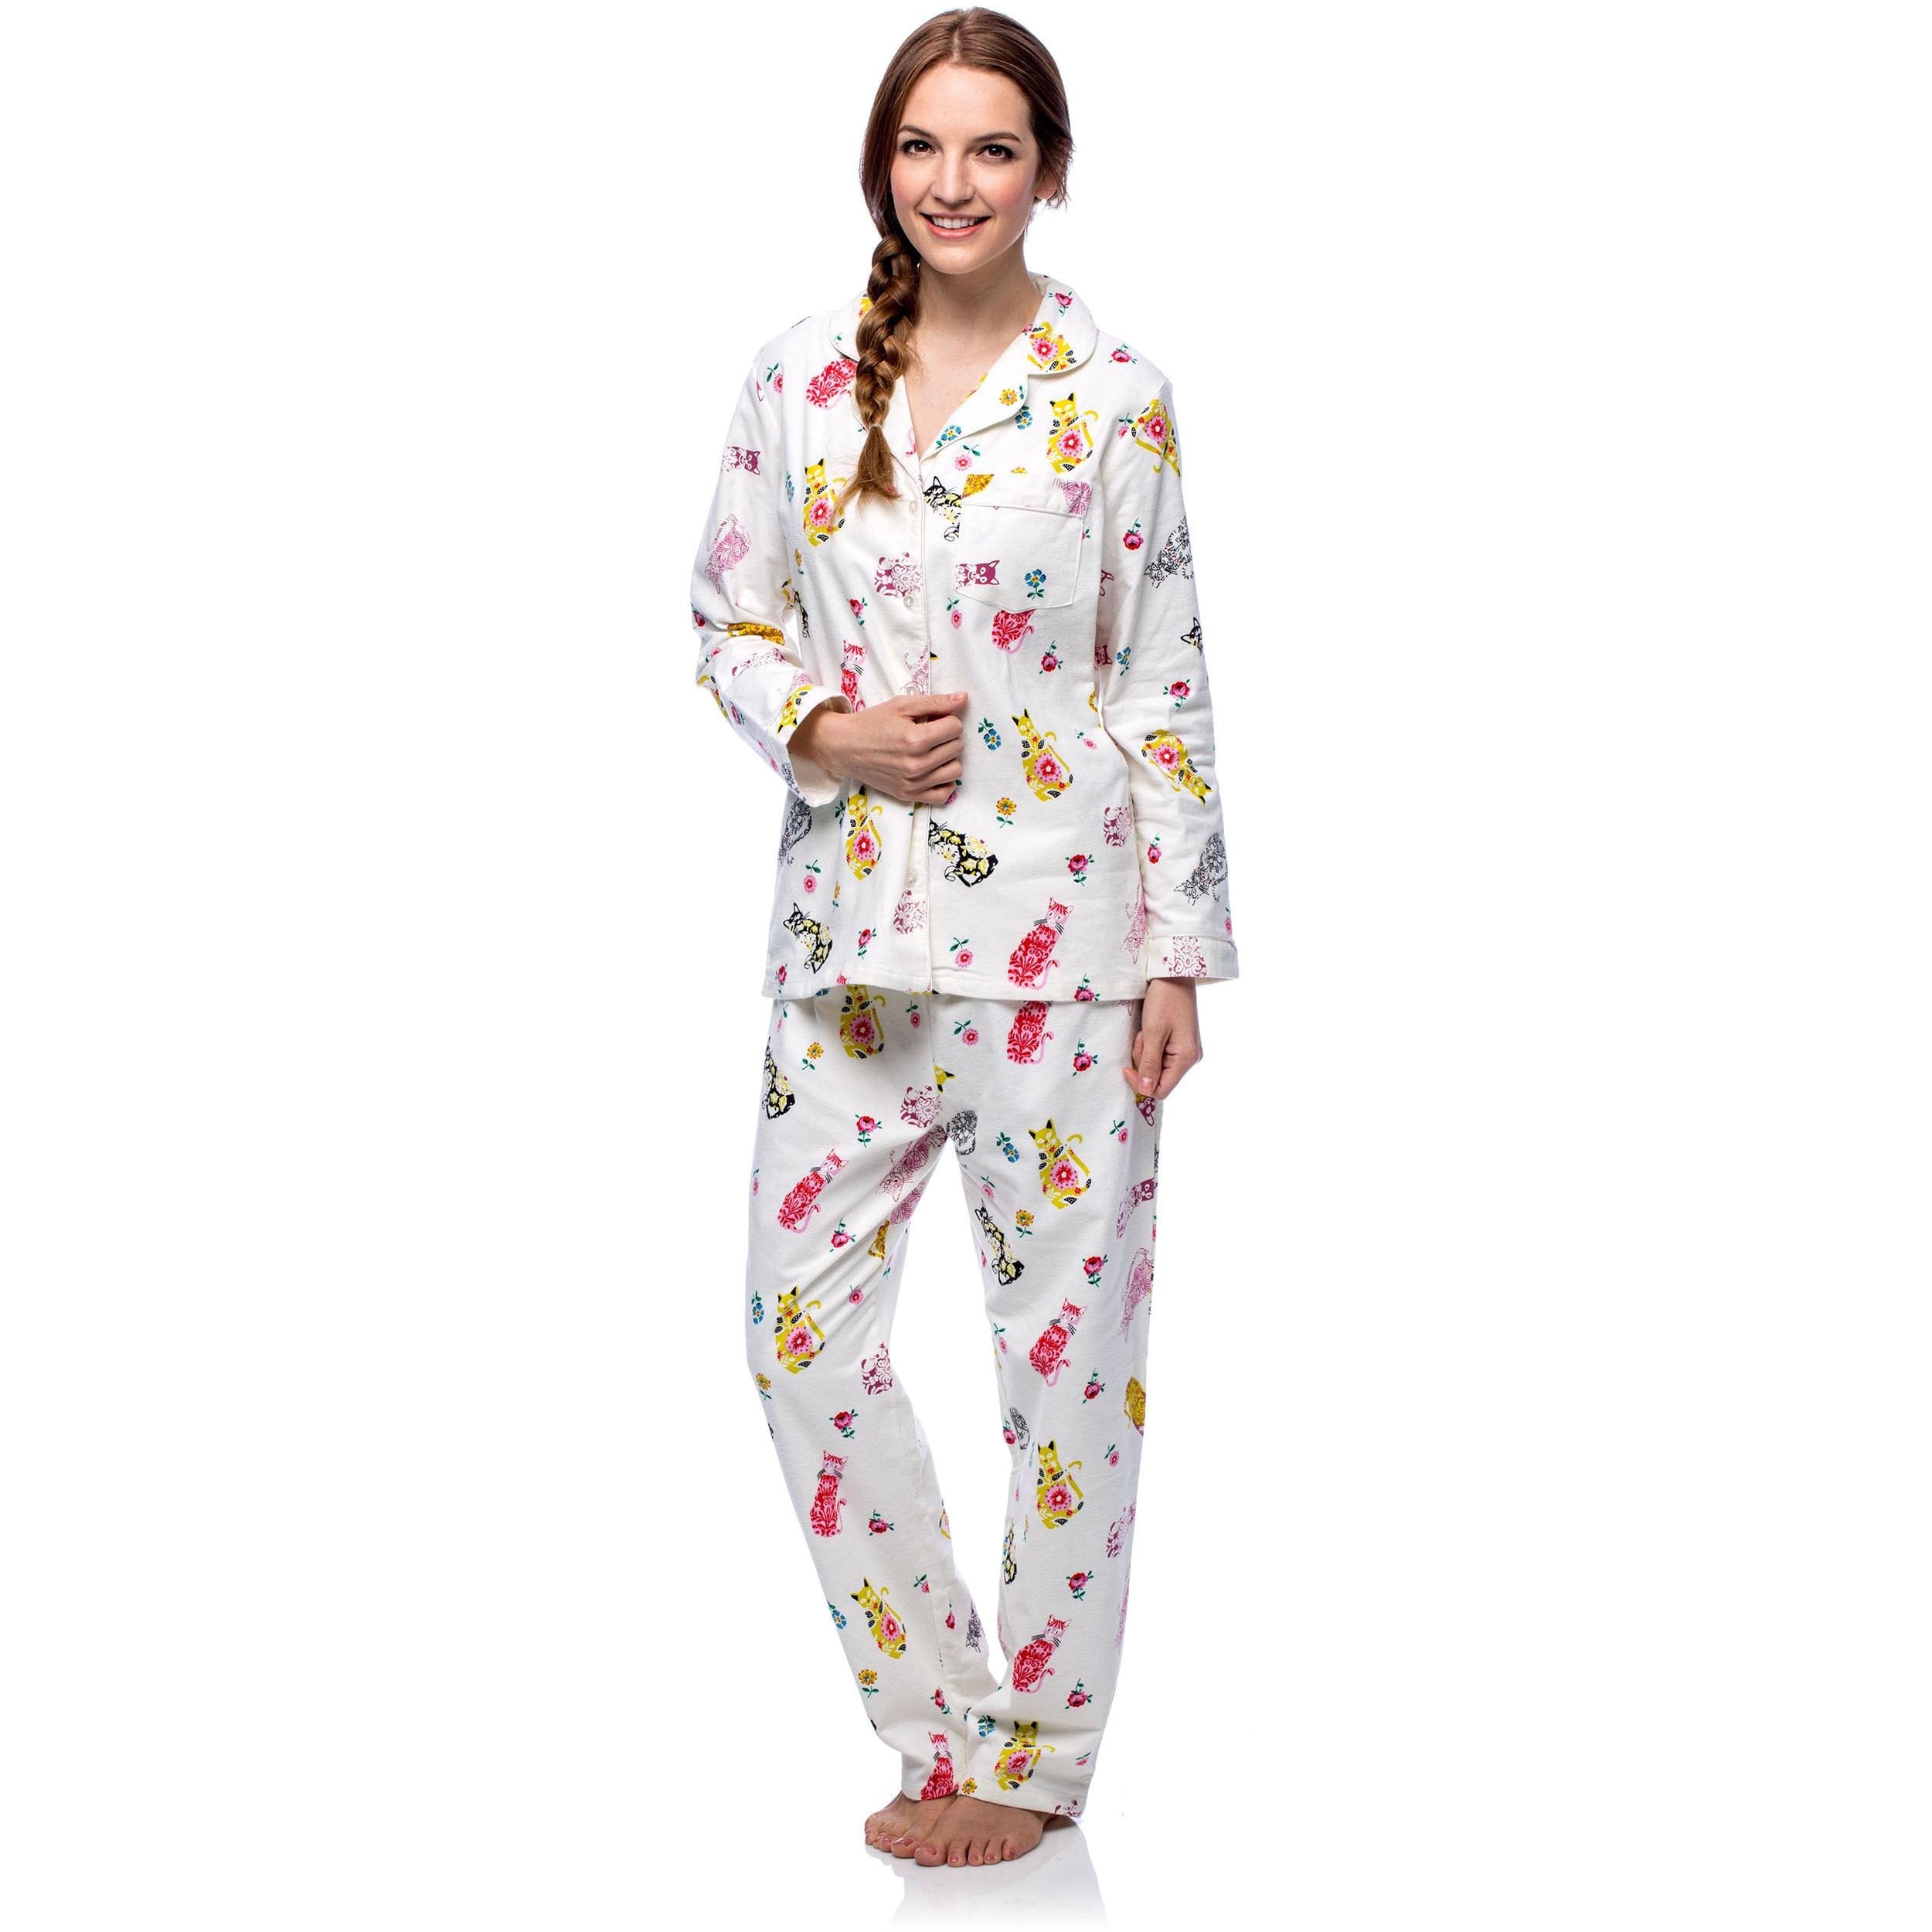 Ladies Short Sleeve Floral Print PJ Set Stretch Nightwear Womens Pyjamas